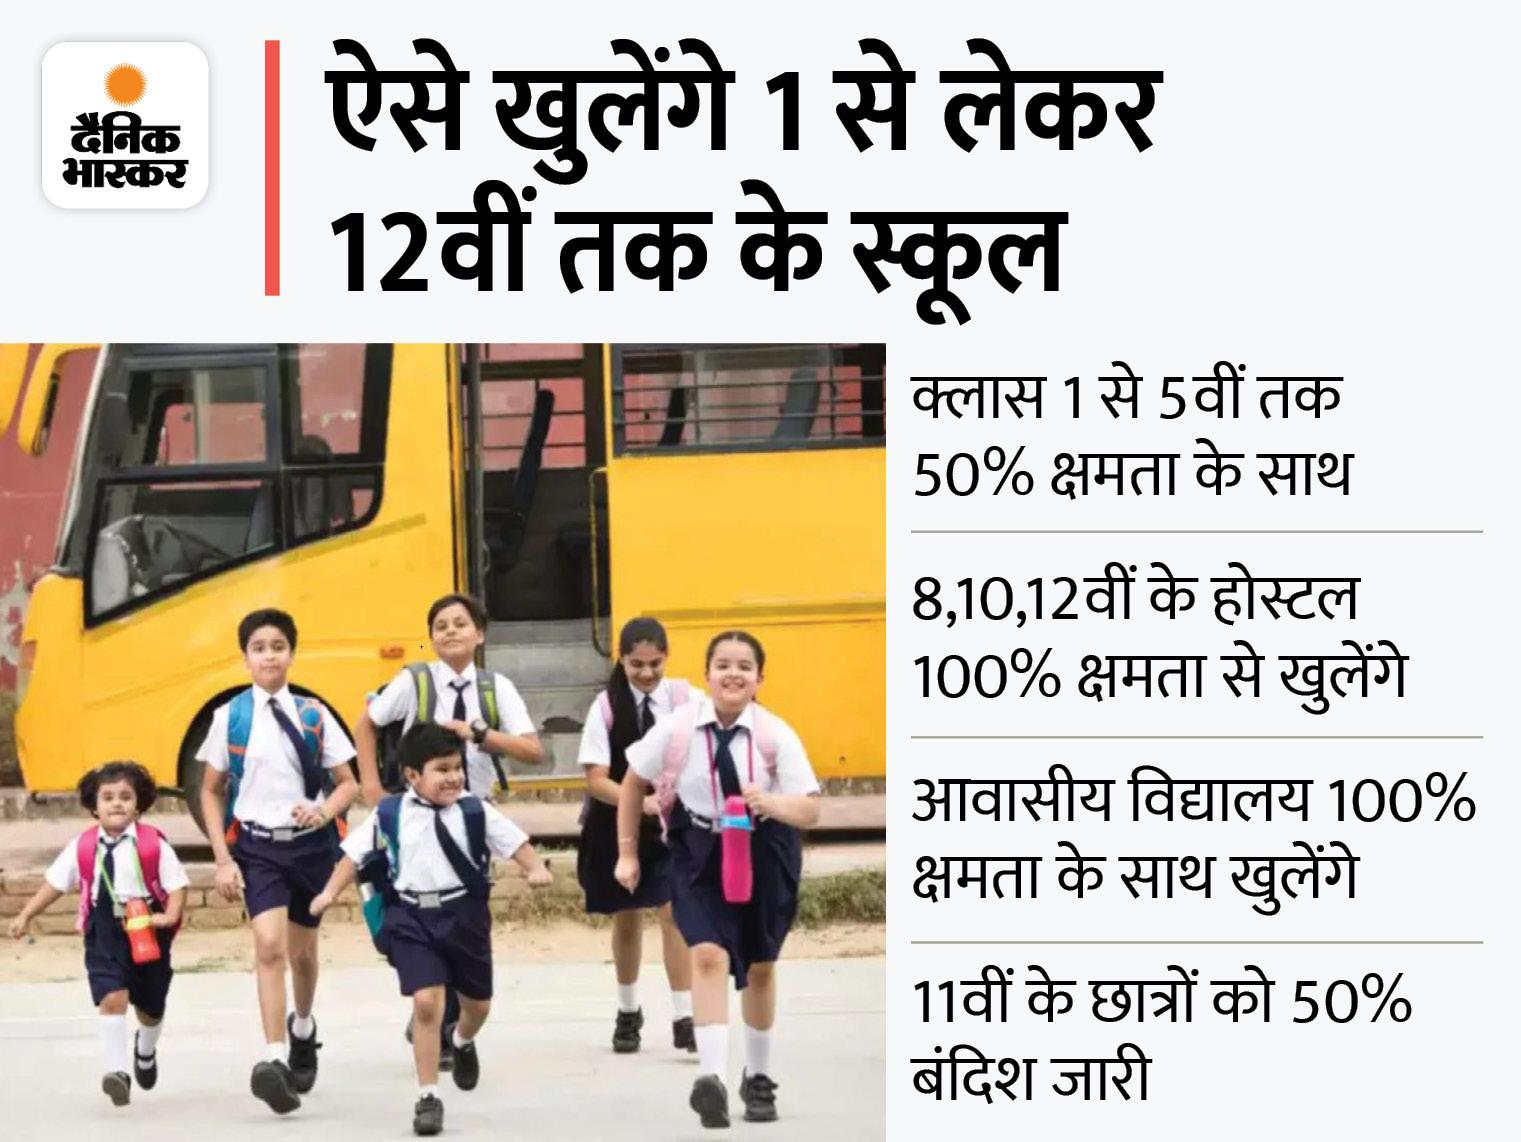 पहली से 5वीं तक के स्कूल 20 सितंबर से 50% क्षमता के साथ खुलेंगे; रेसिडेंशियल स्कूलों में 8वीं, 10वीं और 12वीं की क्लास 100% क्षमता से लगेंगी|मध्य प्रदेश,Madhya Pradesh - Dainik Bhaskar